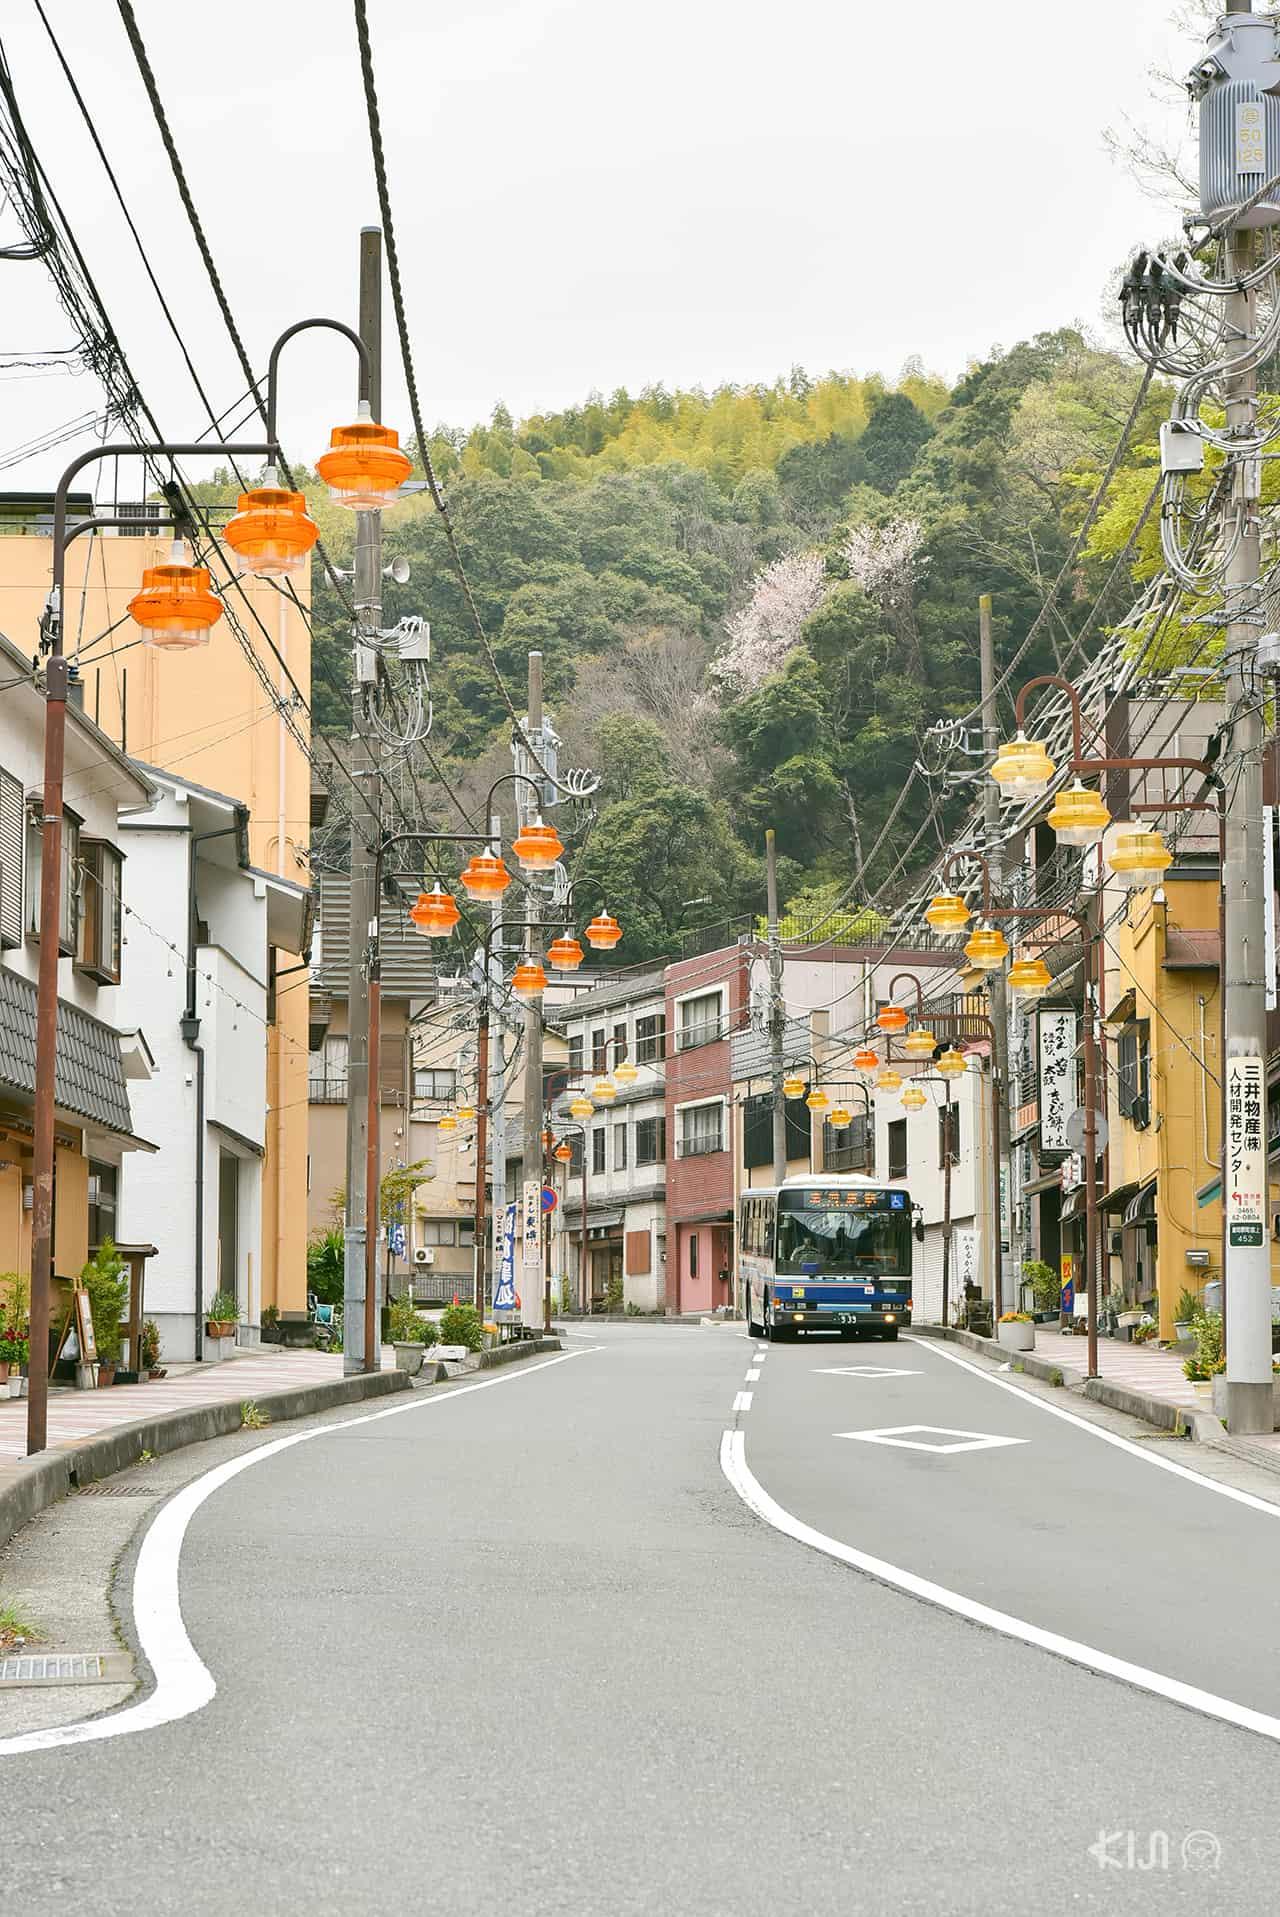 ถนนหนทางกับโคมไฟที่เป็นเอกลักษณ์ของเมืองยูกาวาระ (Yugawara)